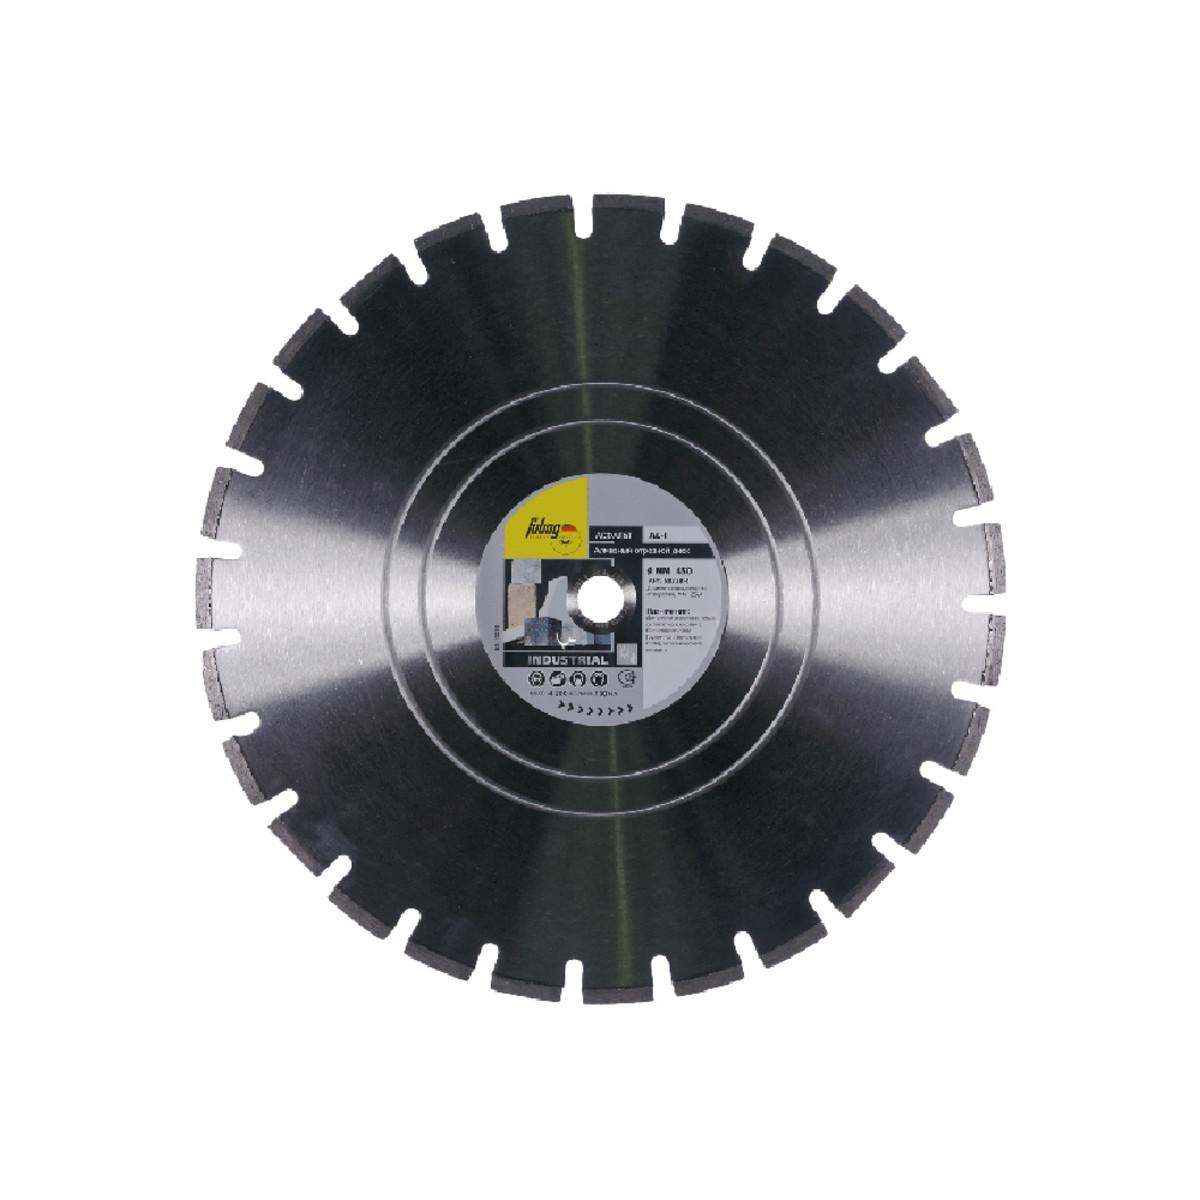 Алмазный диск Fubag AL-I 450/25.4 58328-4